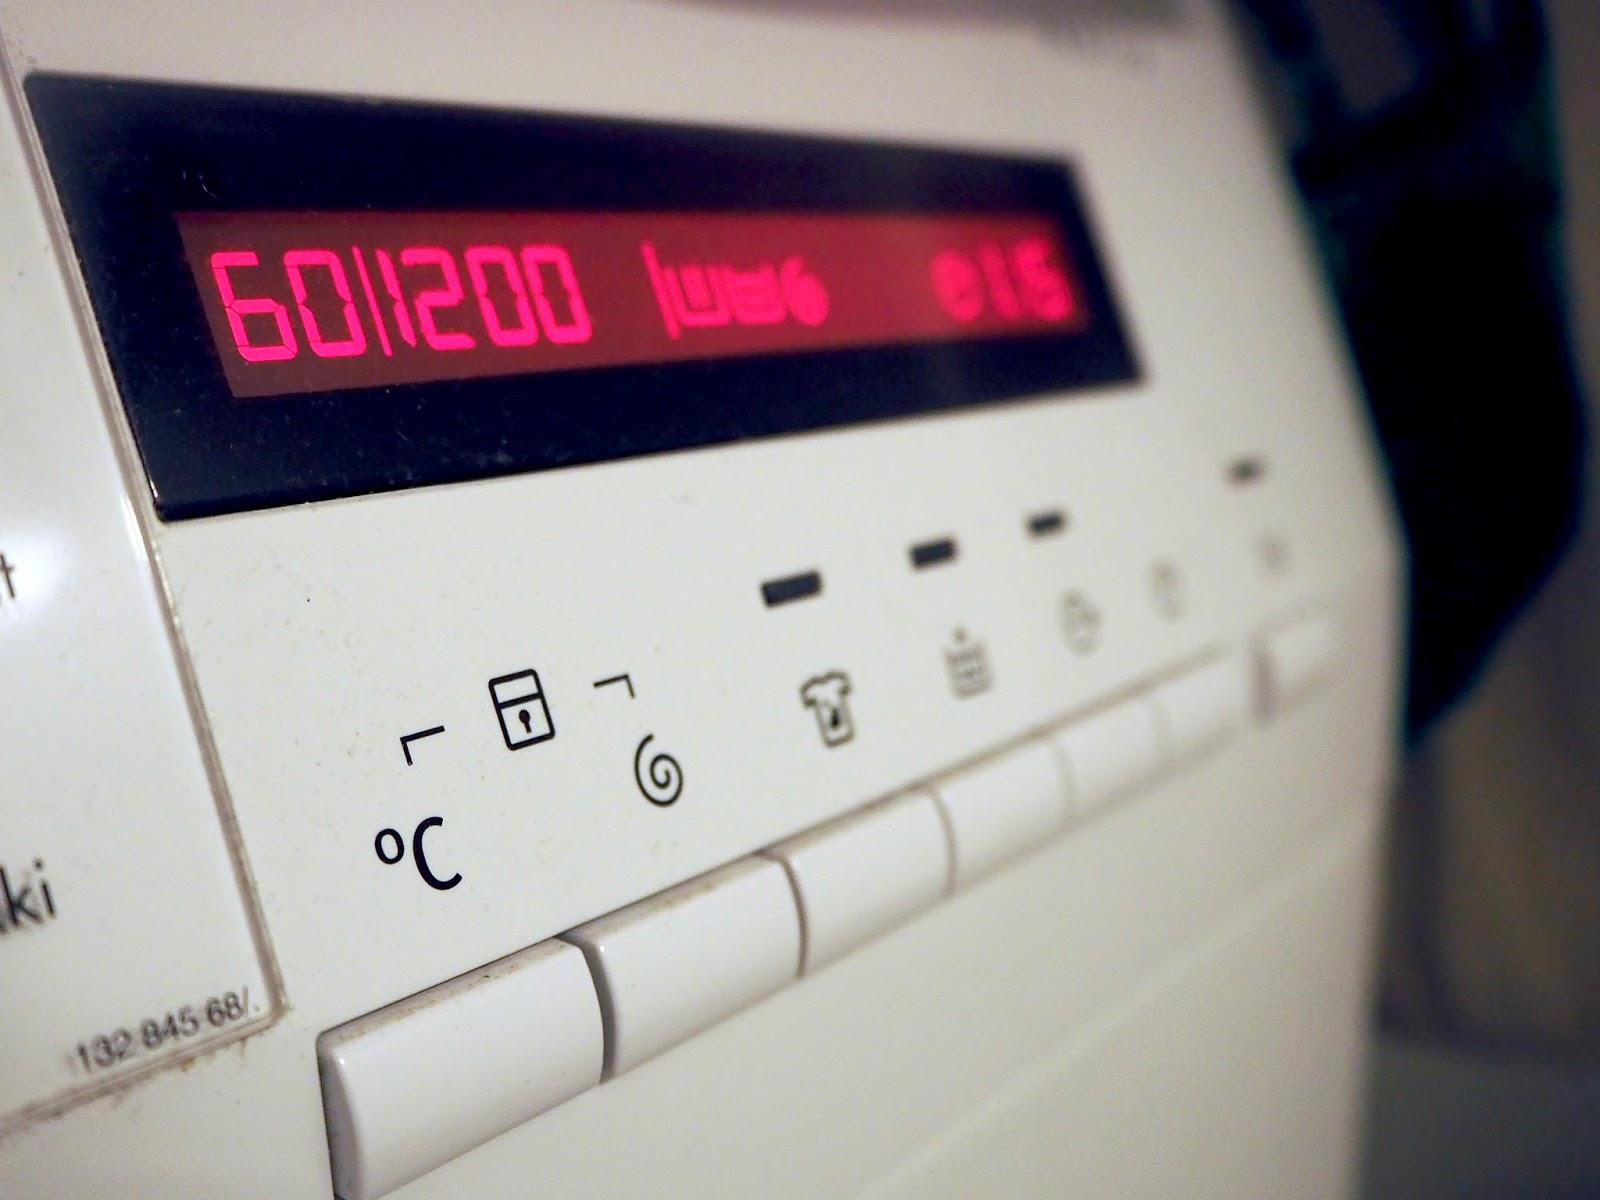 Pyykkikoneen ajastus-toiminto auttaa arjessa.